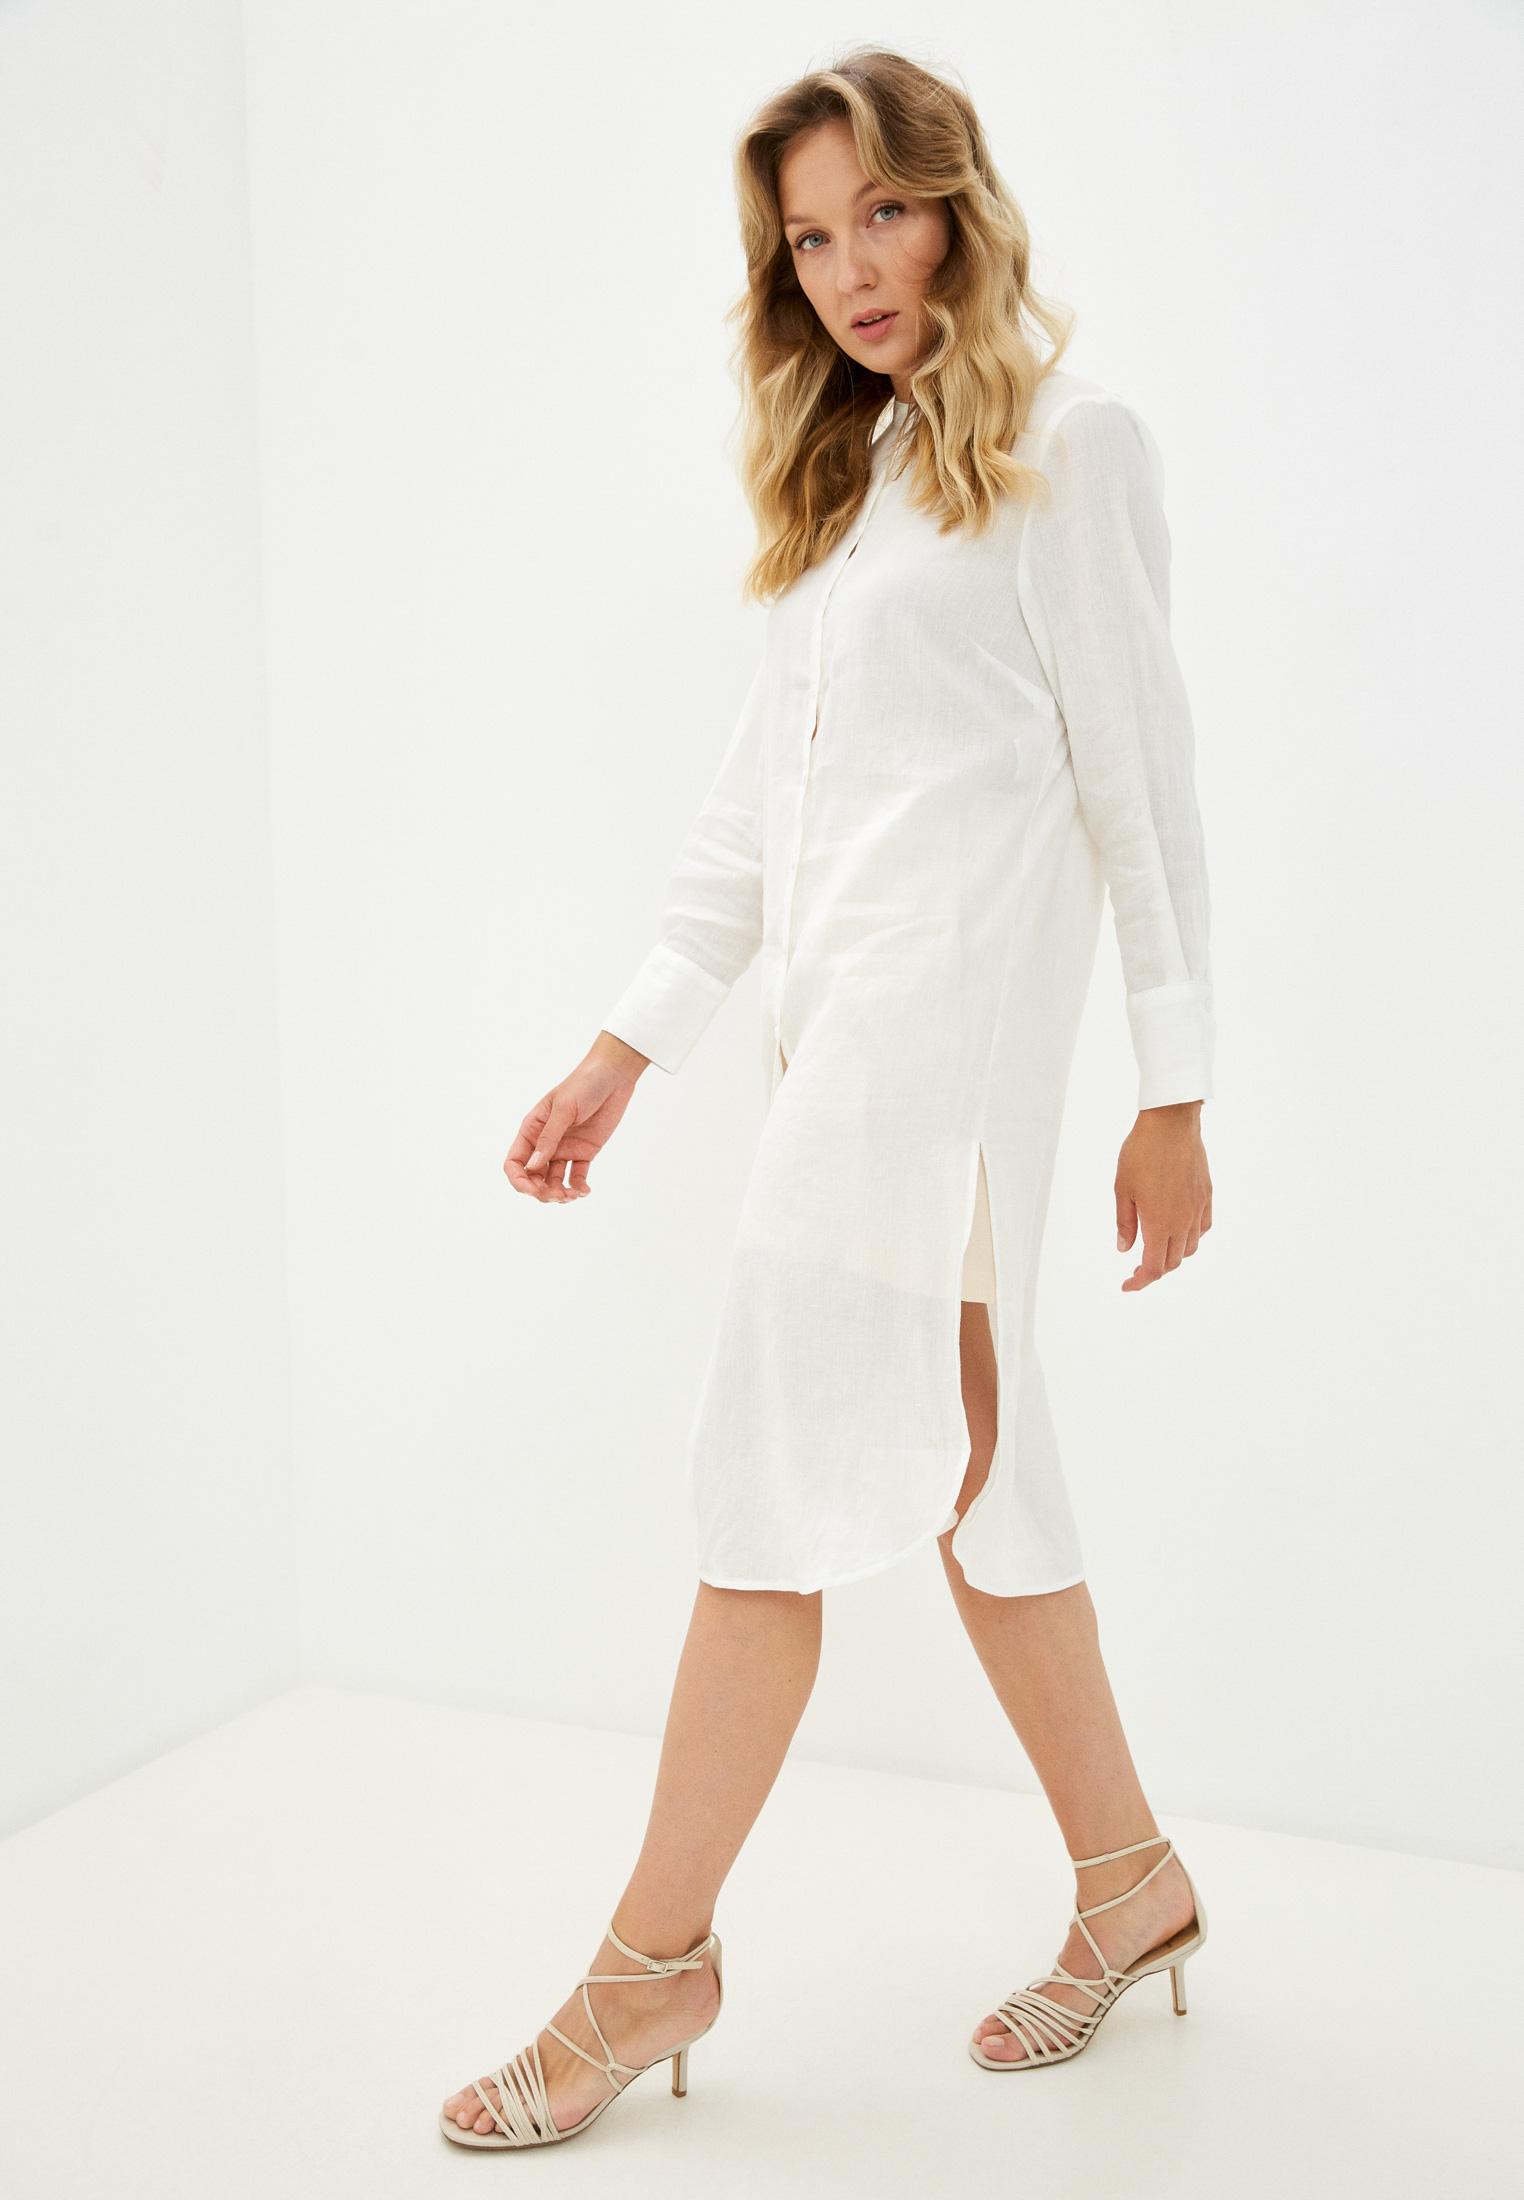 Женские рубашки с длинным рукавом Sisley (Сислей) Платье Sisley